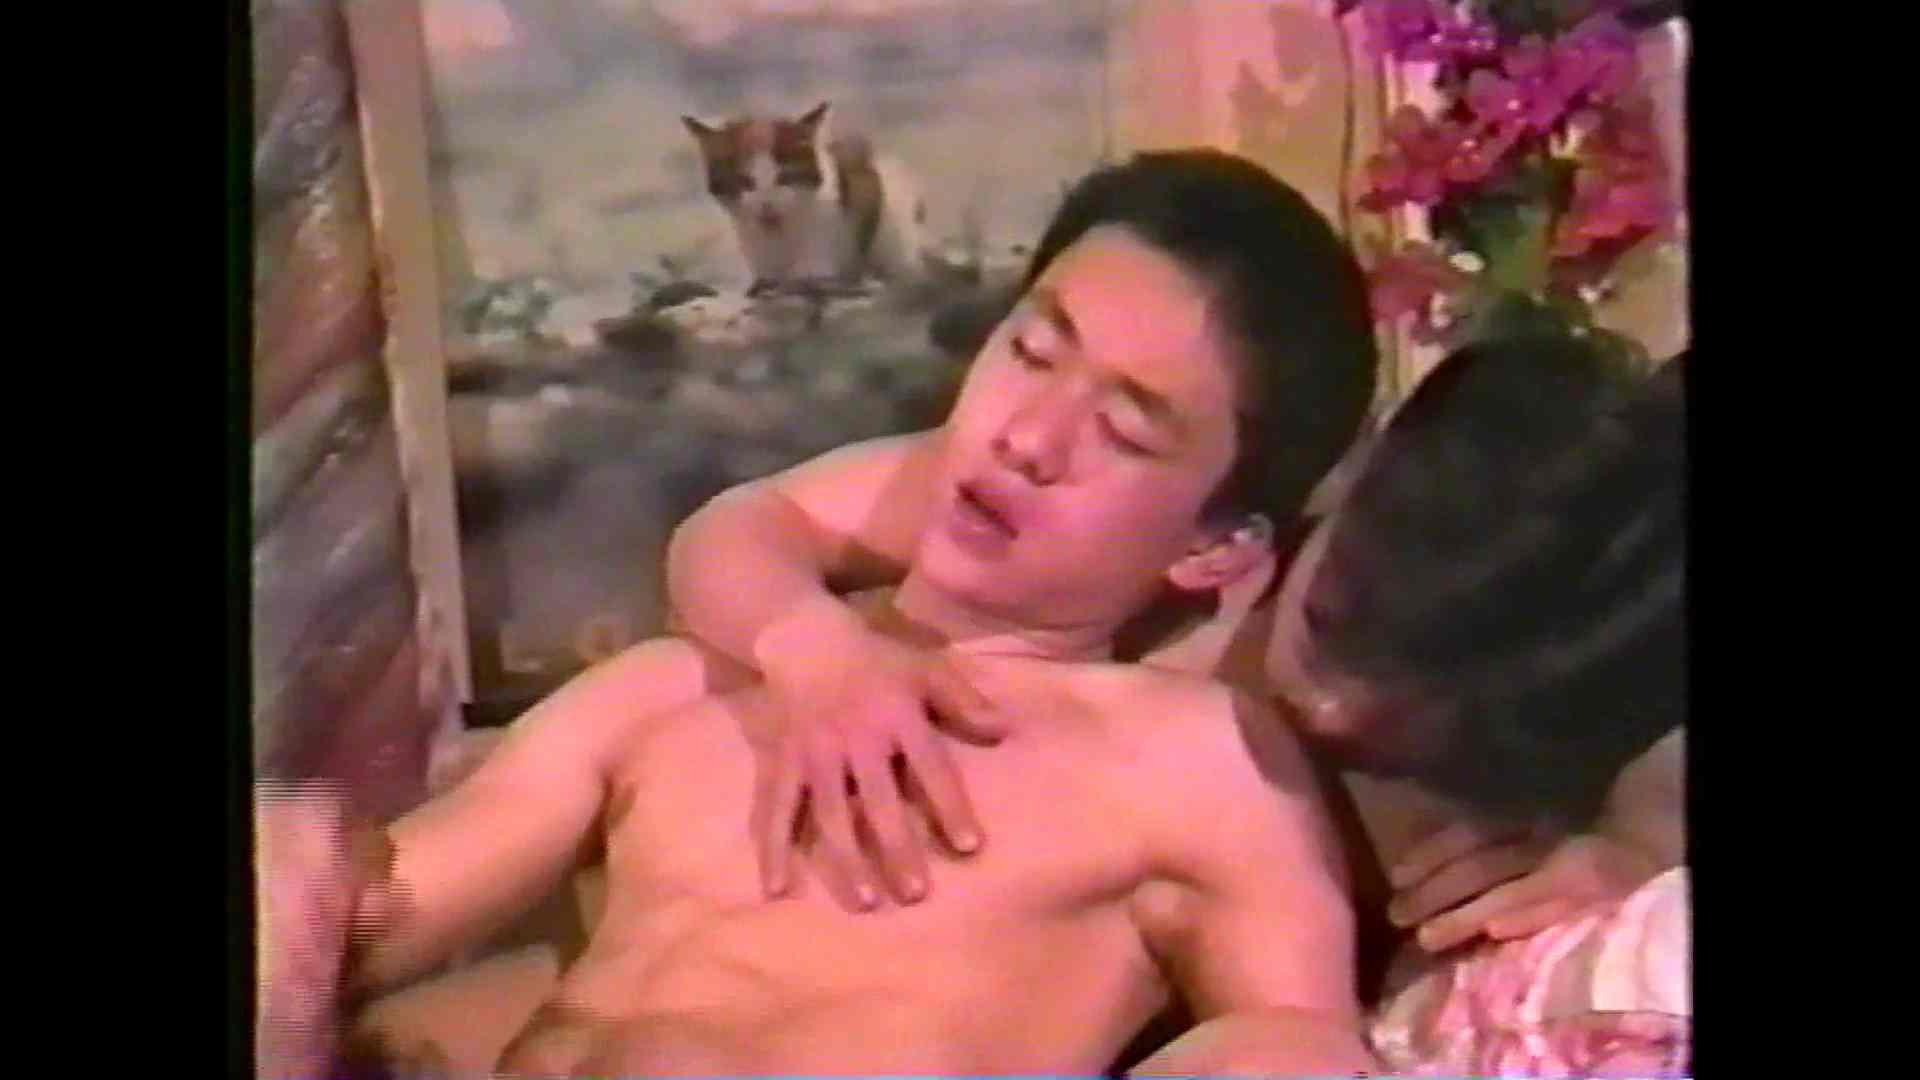 GAYBOY宏のオカズ倉庫Vol.2-2 無修正 | 手コキ エロビデオ紹介 108pic 91